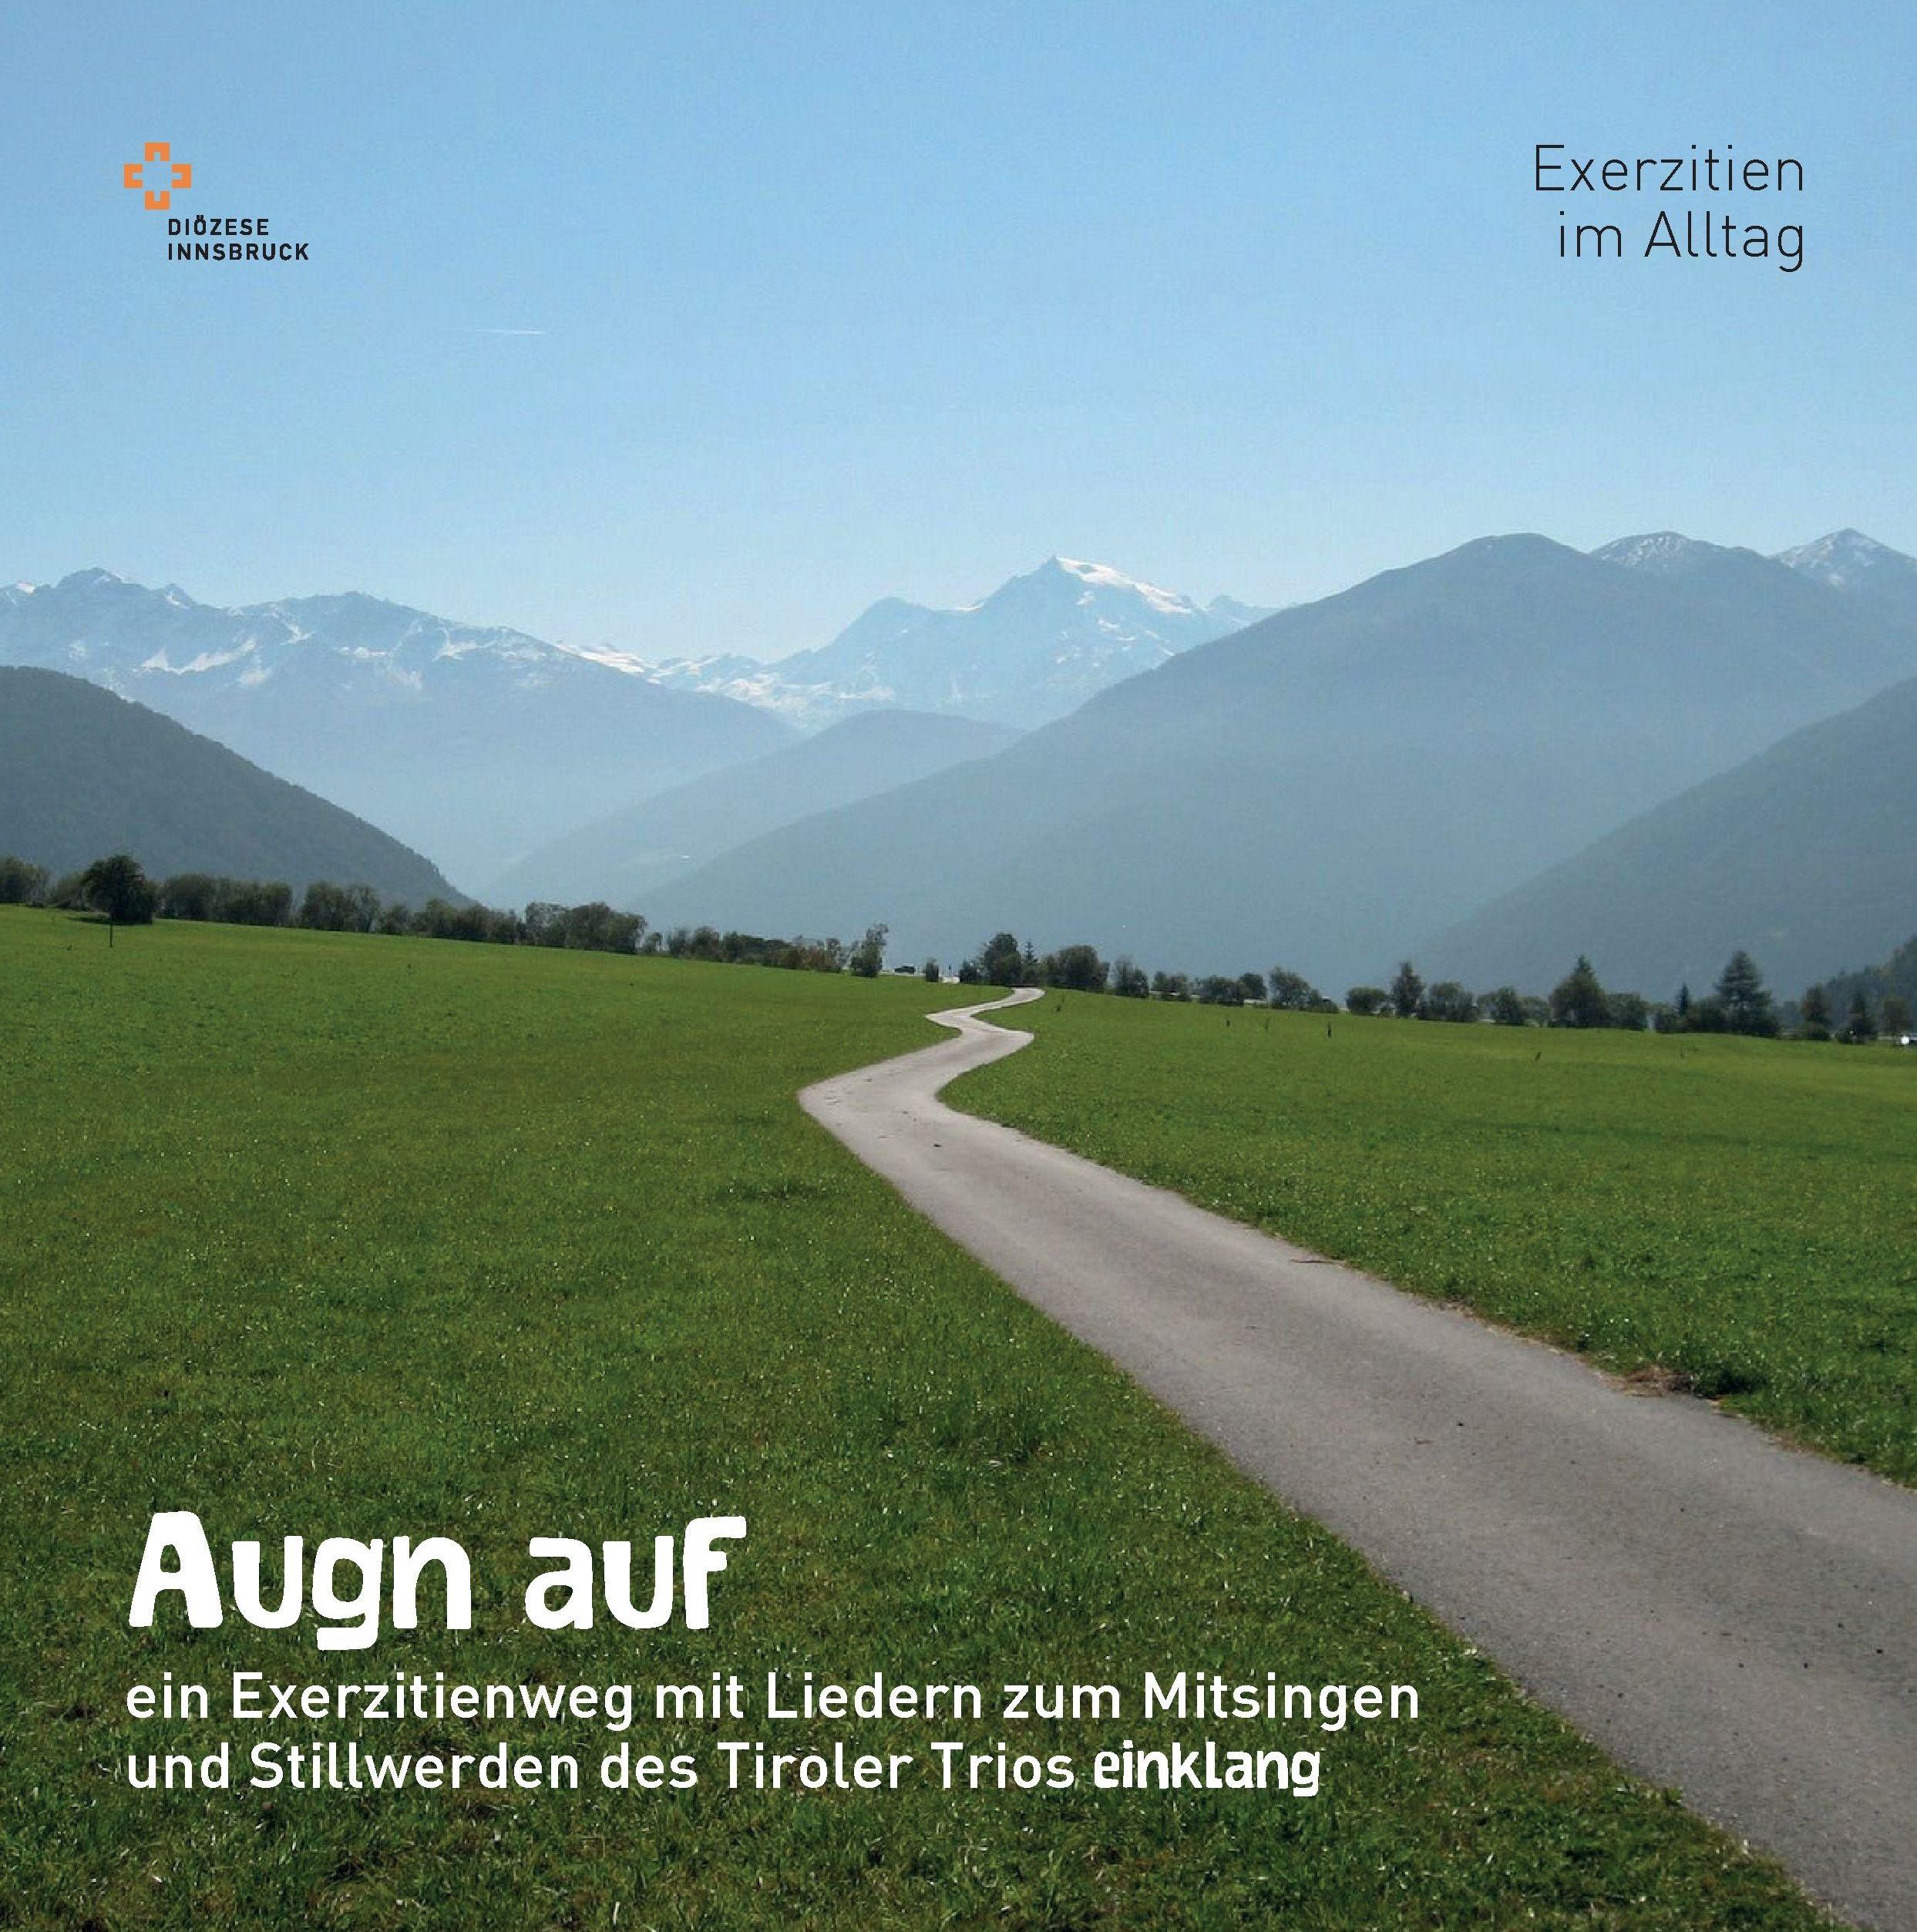 """""""Aug´n auf"""" - Ein Exerzitienweg mit Liedern zum Mitsingen und Stillwerden des Tiroler Trios """"einklang"""" - Online per MS-Teams oder Zoom"""